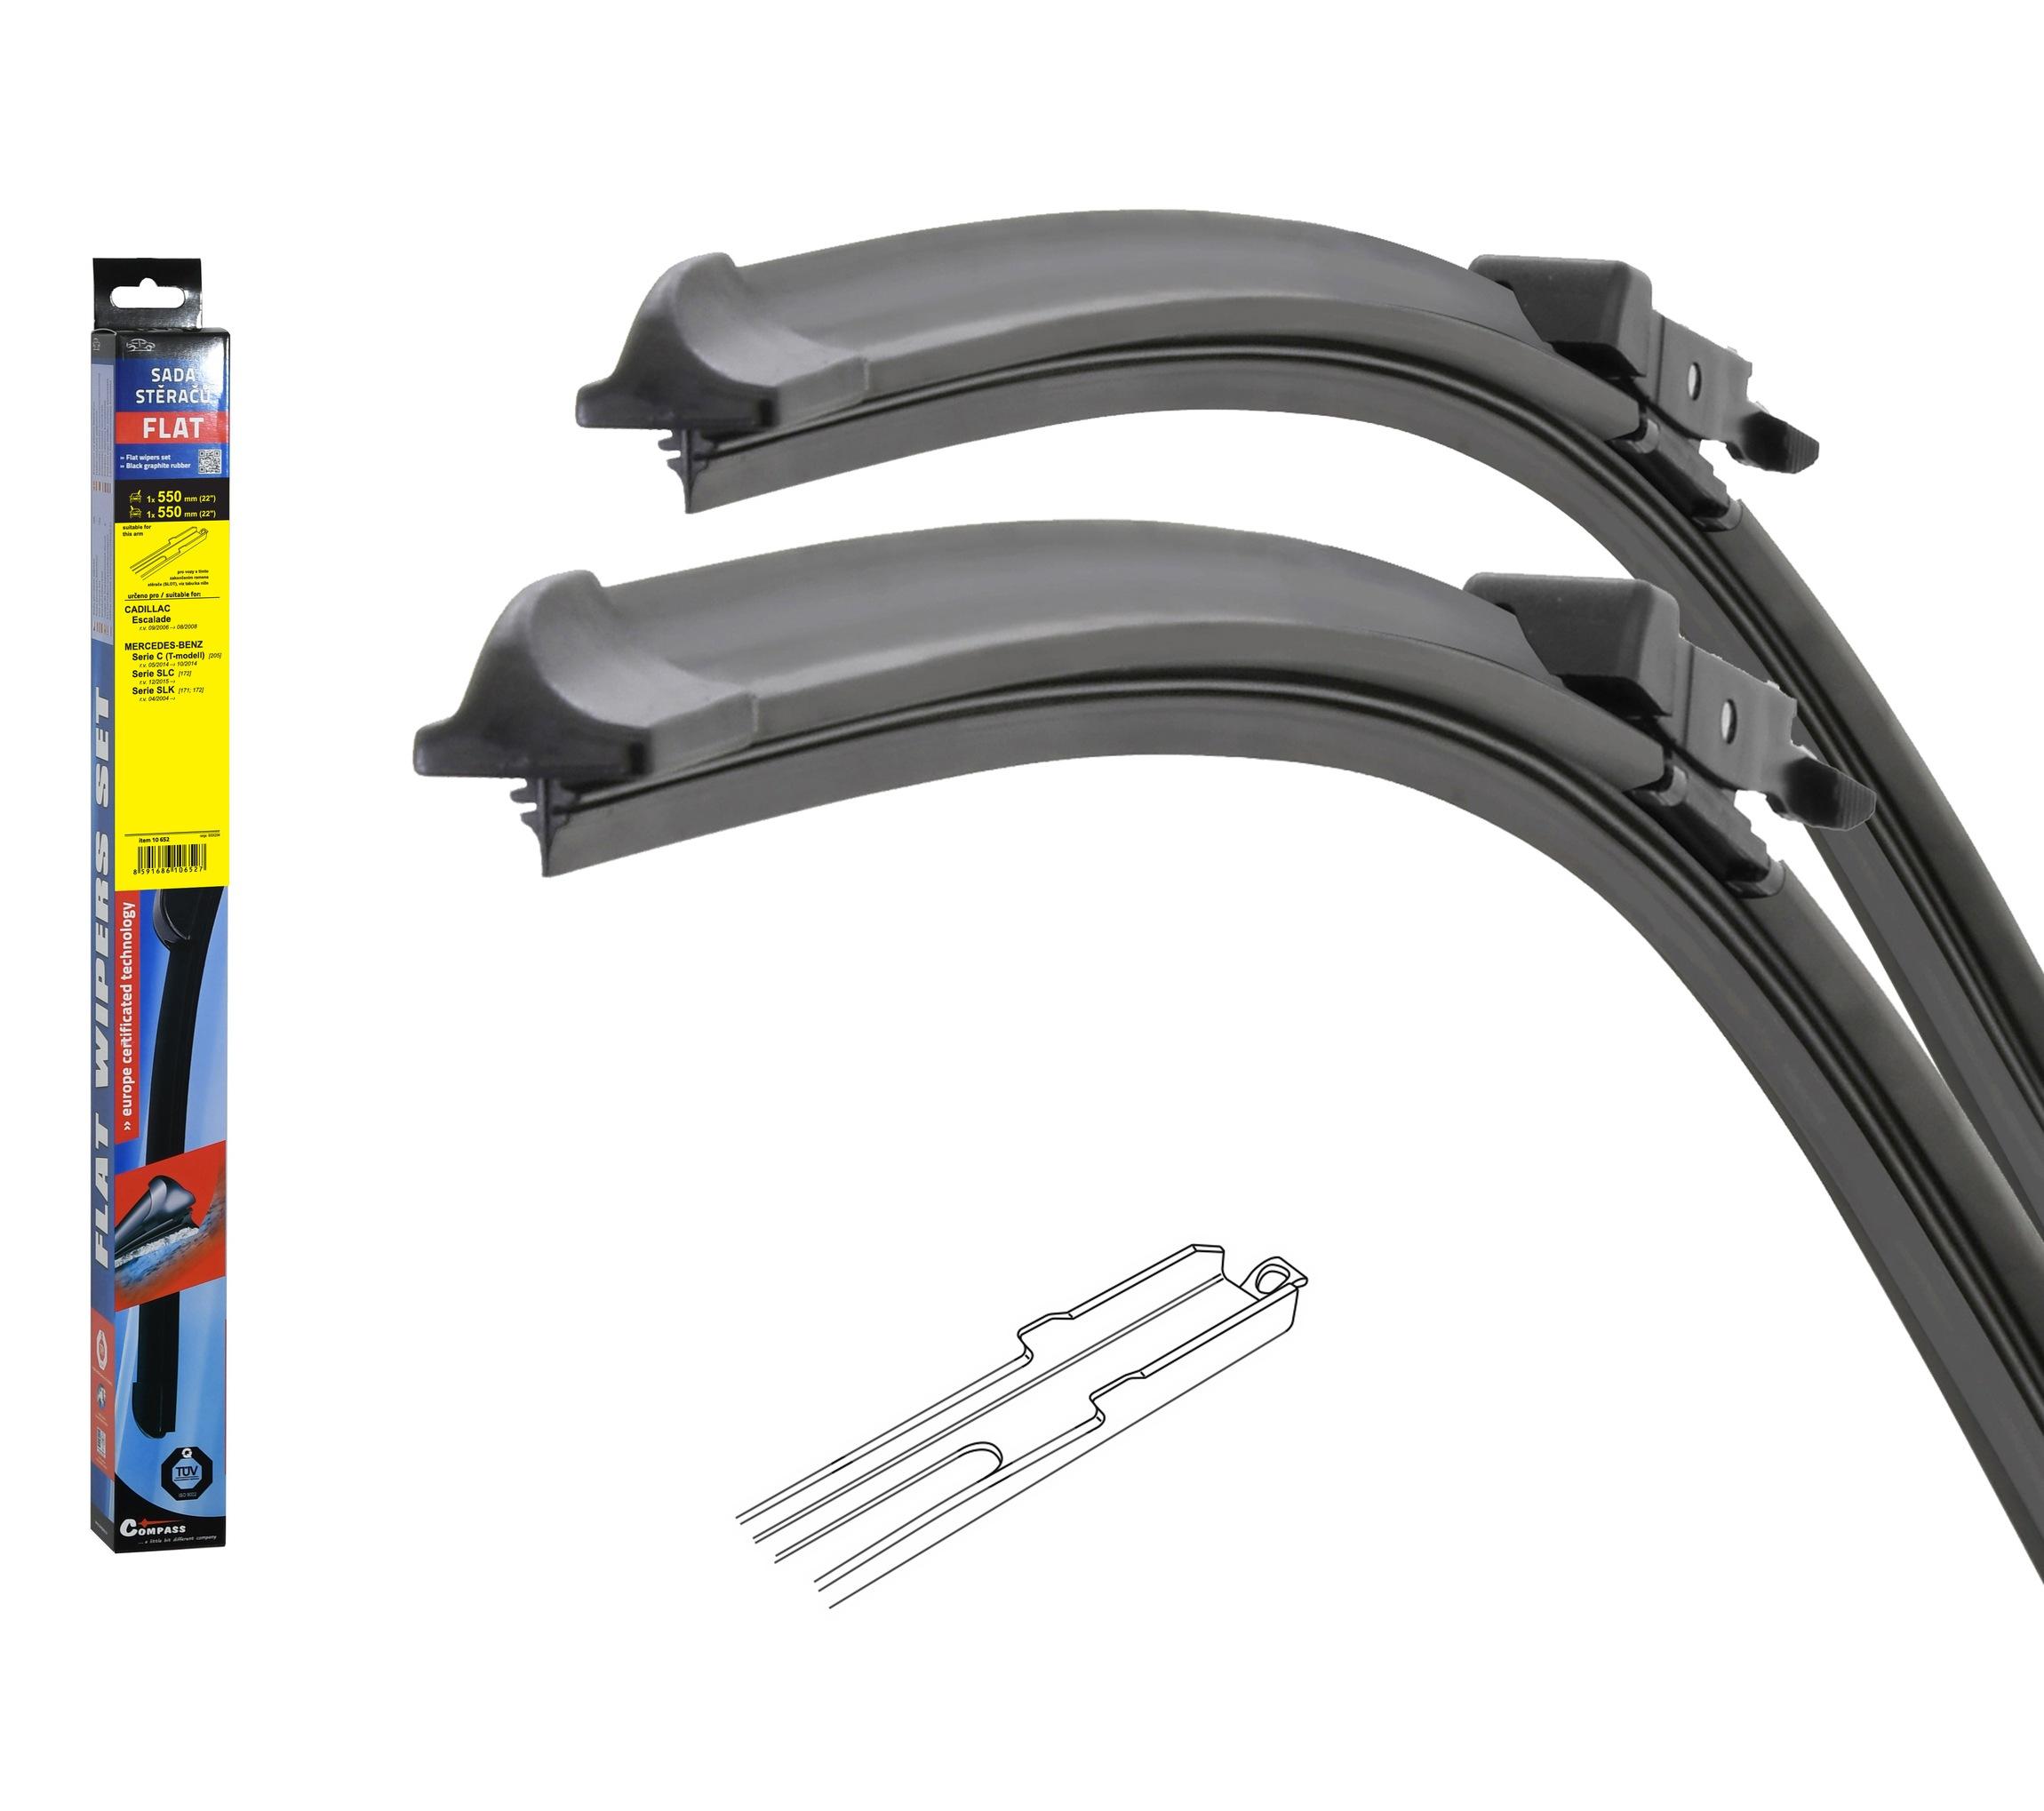 Stěrače FLAT SET (SLOT) 550+550mm